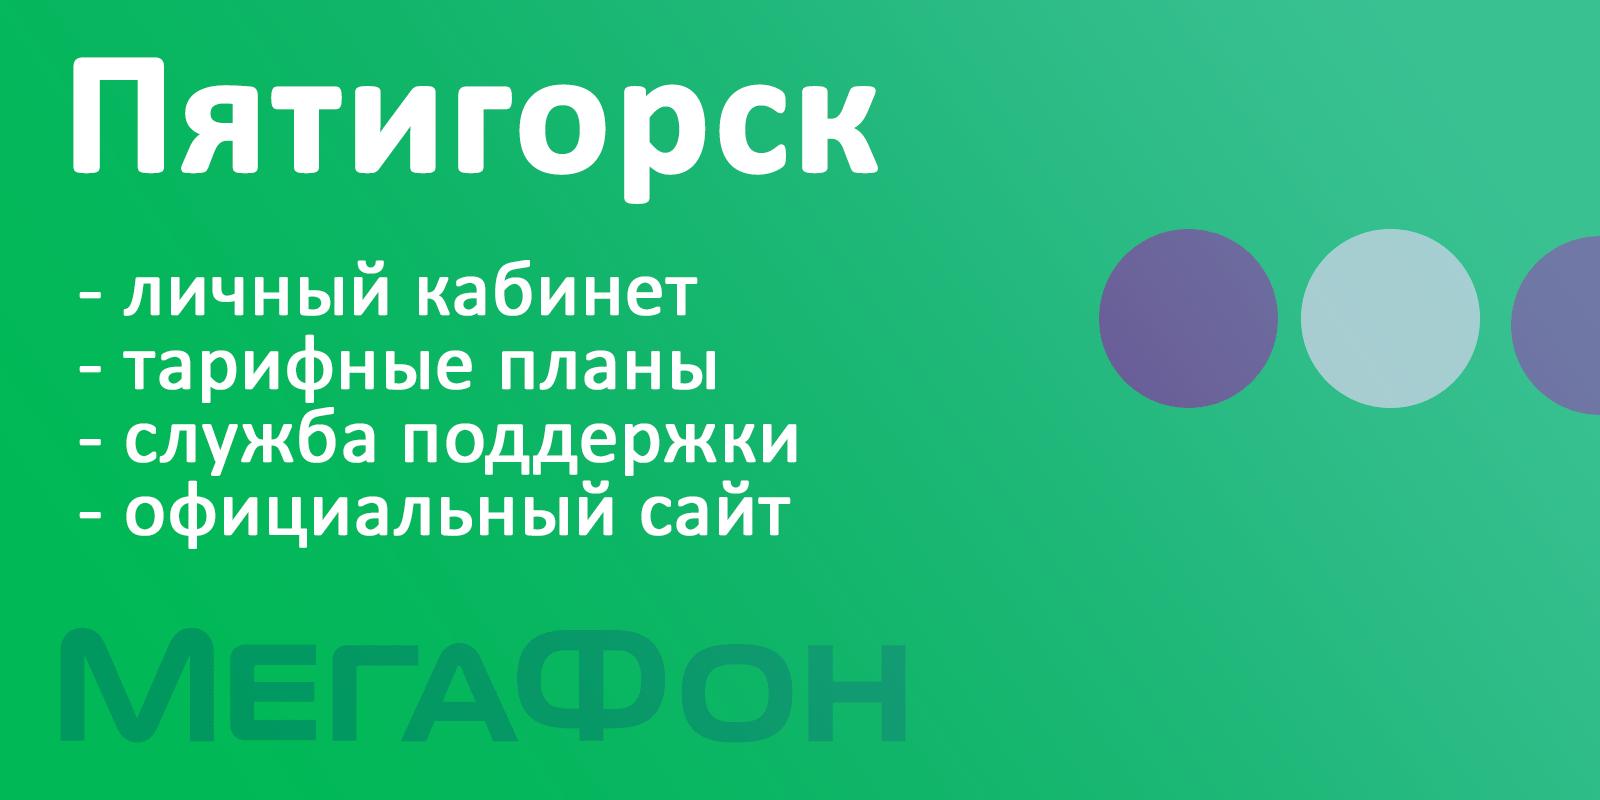 Мегафон Пятигорск - официальный сайт, адреса офисов, тарифы